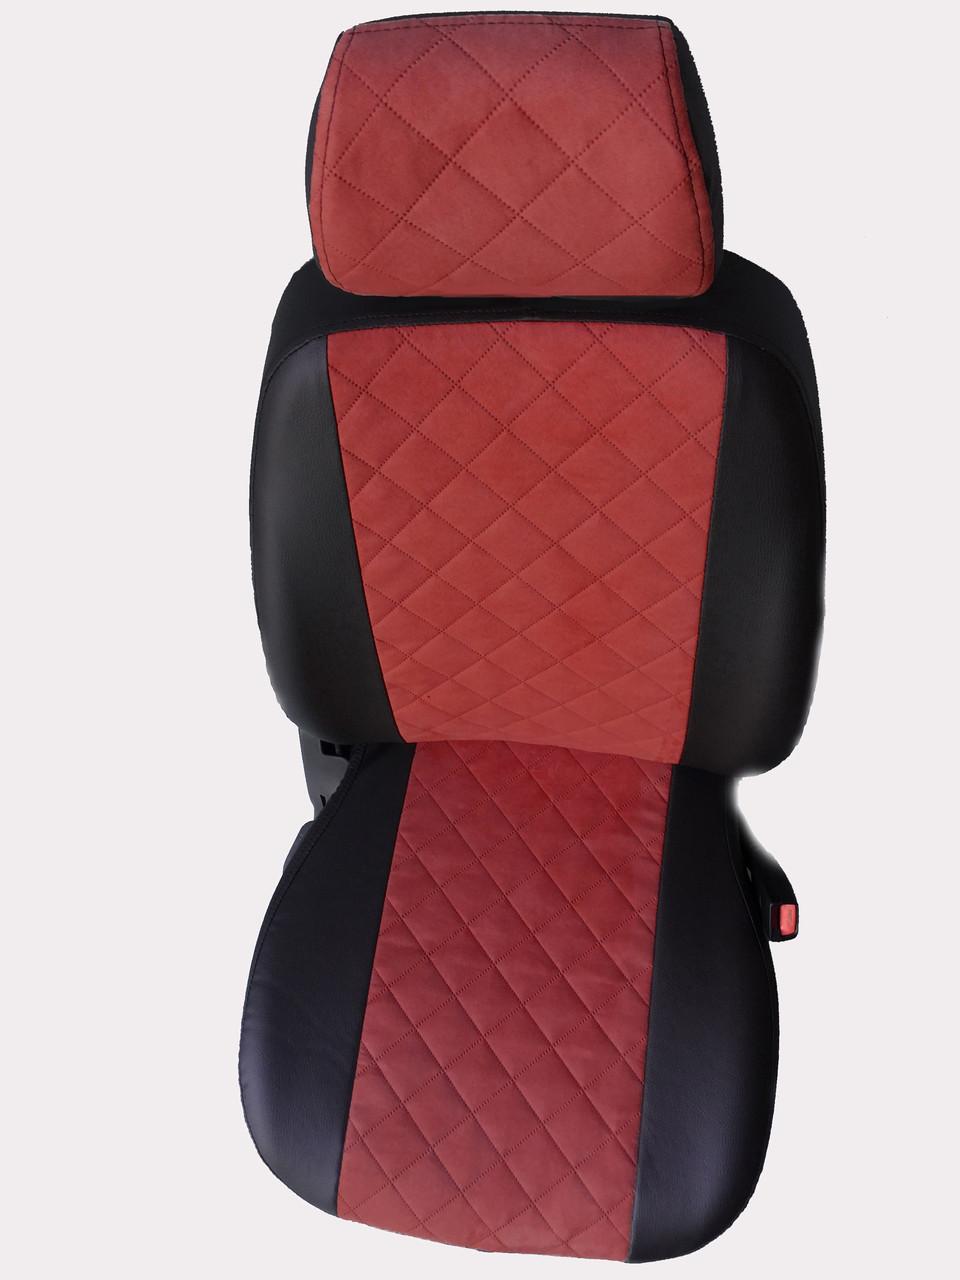 Чехлы на сиденья Форд Фокус (Ford Focus) (универсальные, экокожа+Алькантара, с отдельным подголовником)